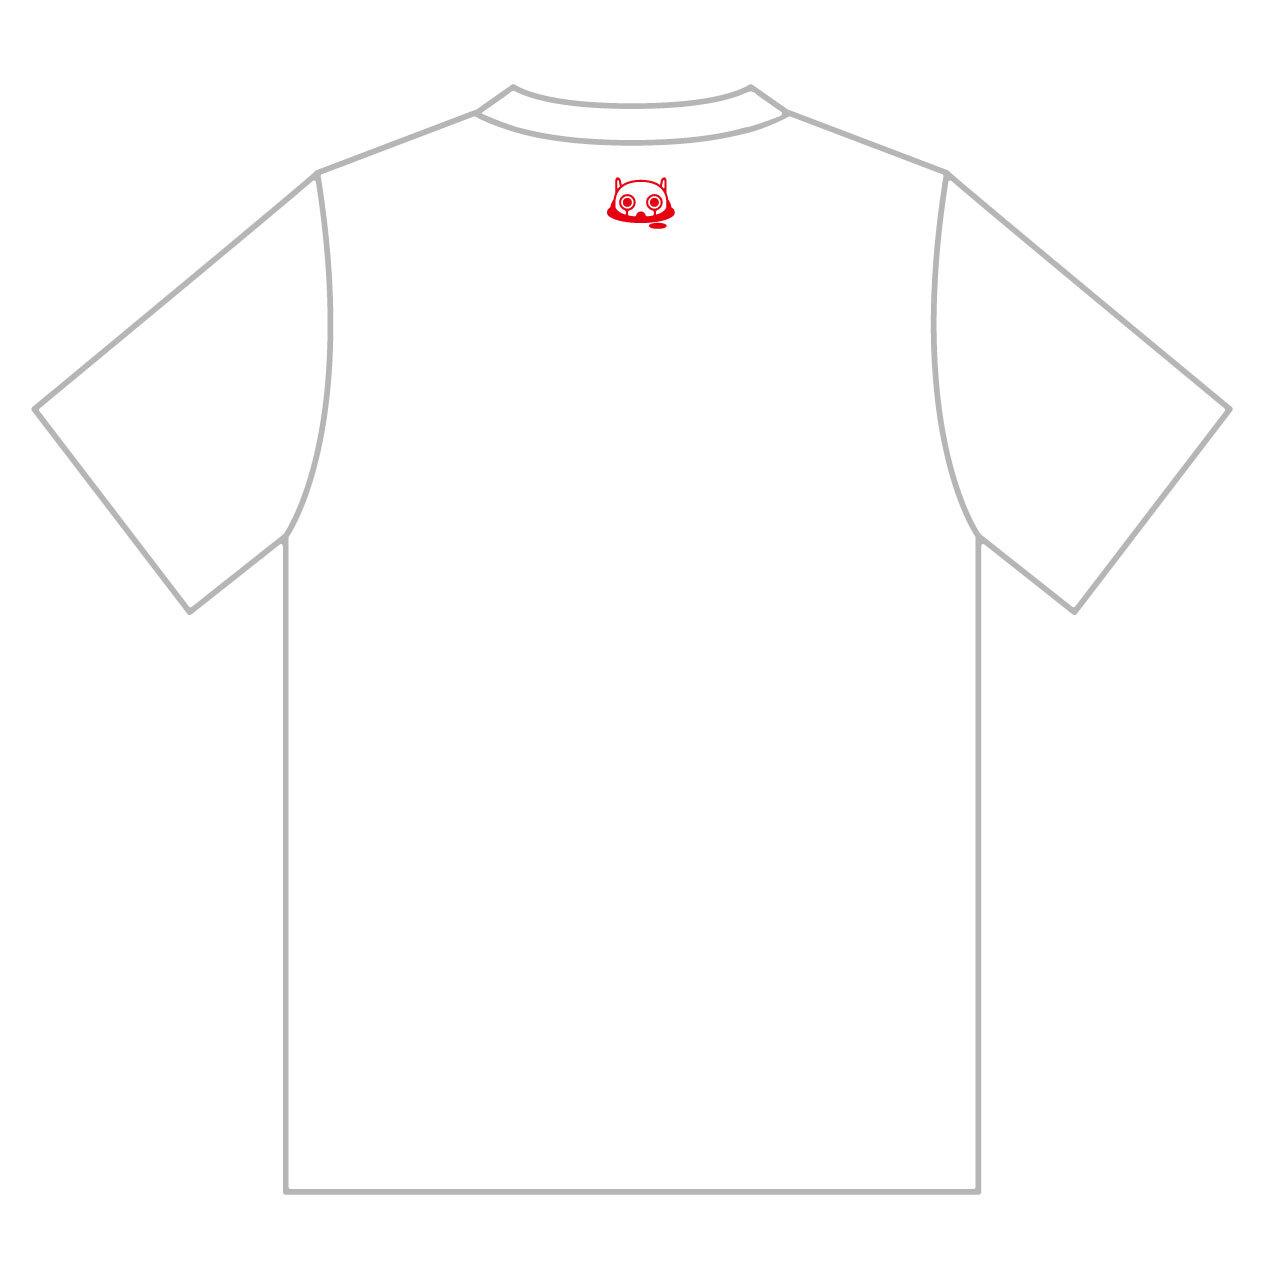 ピノキオピーベストアルバム寿リリースパーティ「ありがとう」Tシャツ+ステッカーセット - 画像2